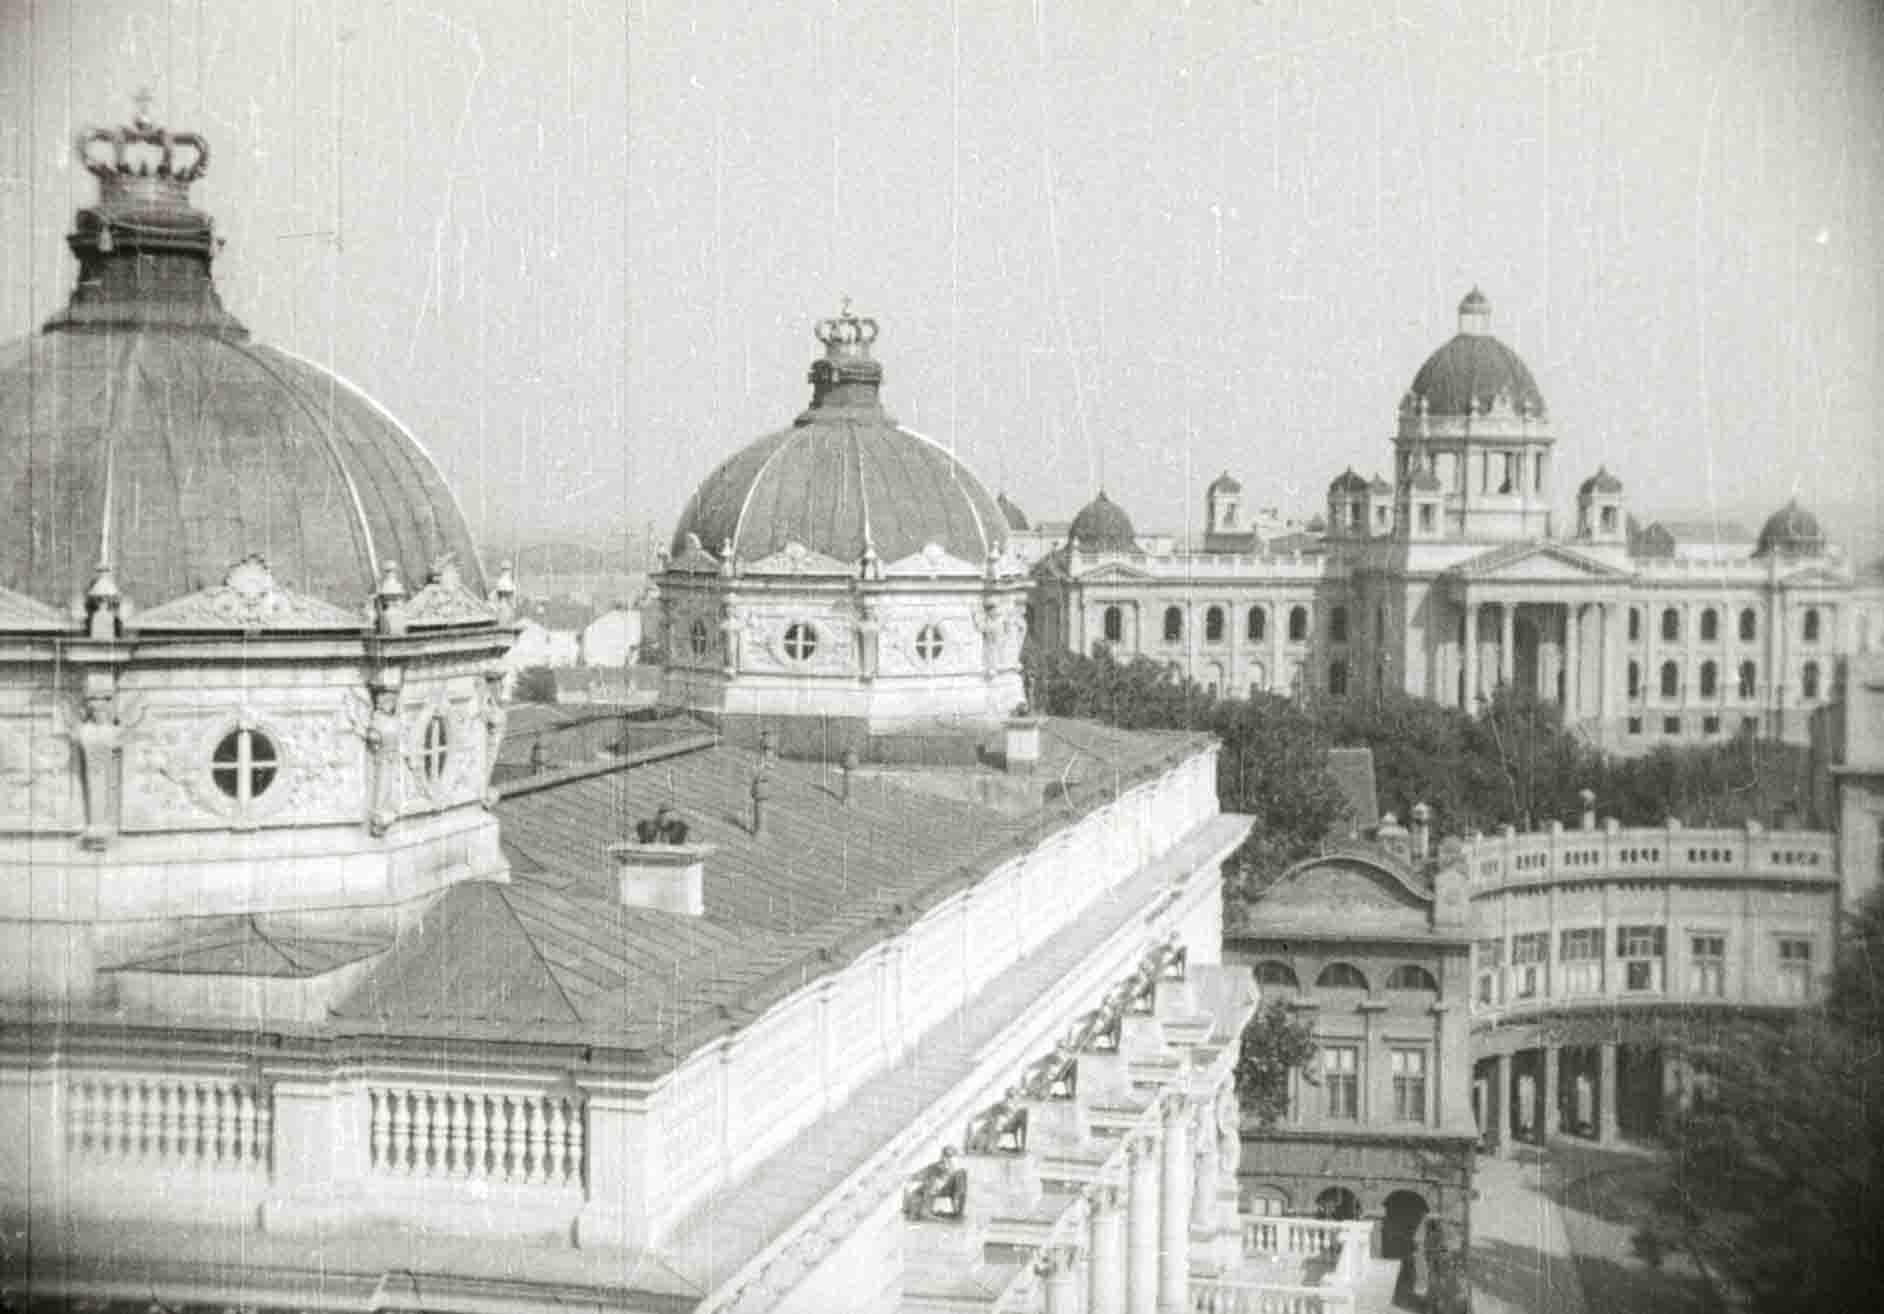 beograd-prestonica-kraljevine-jugoslavije-1932-3